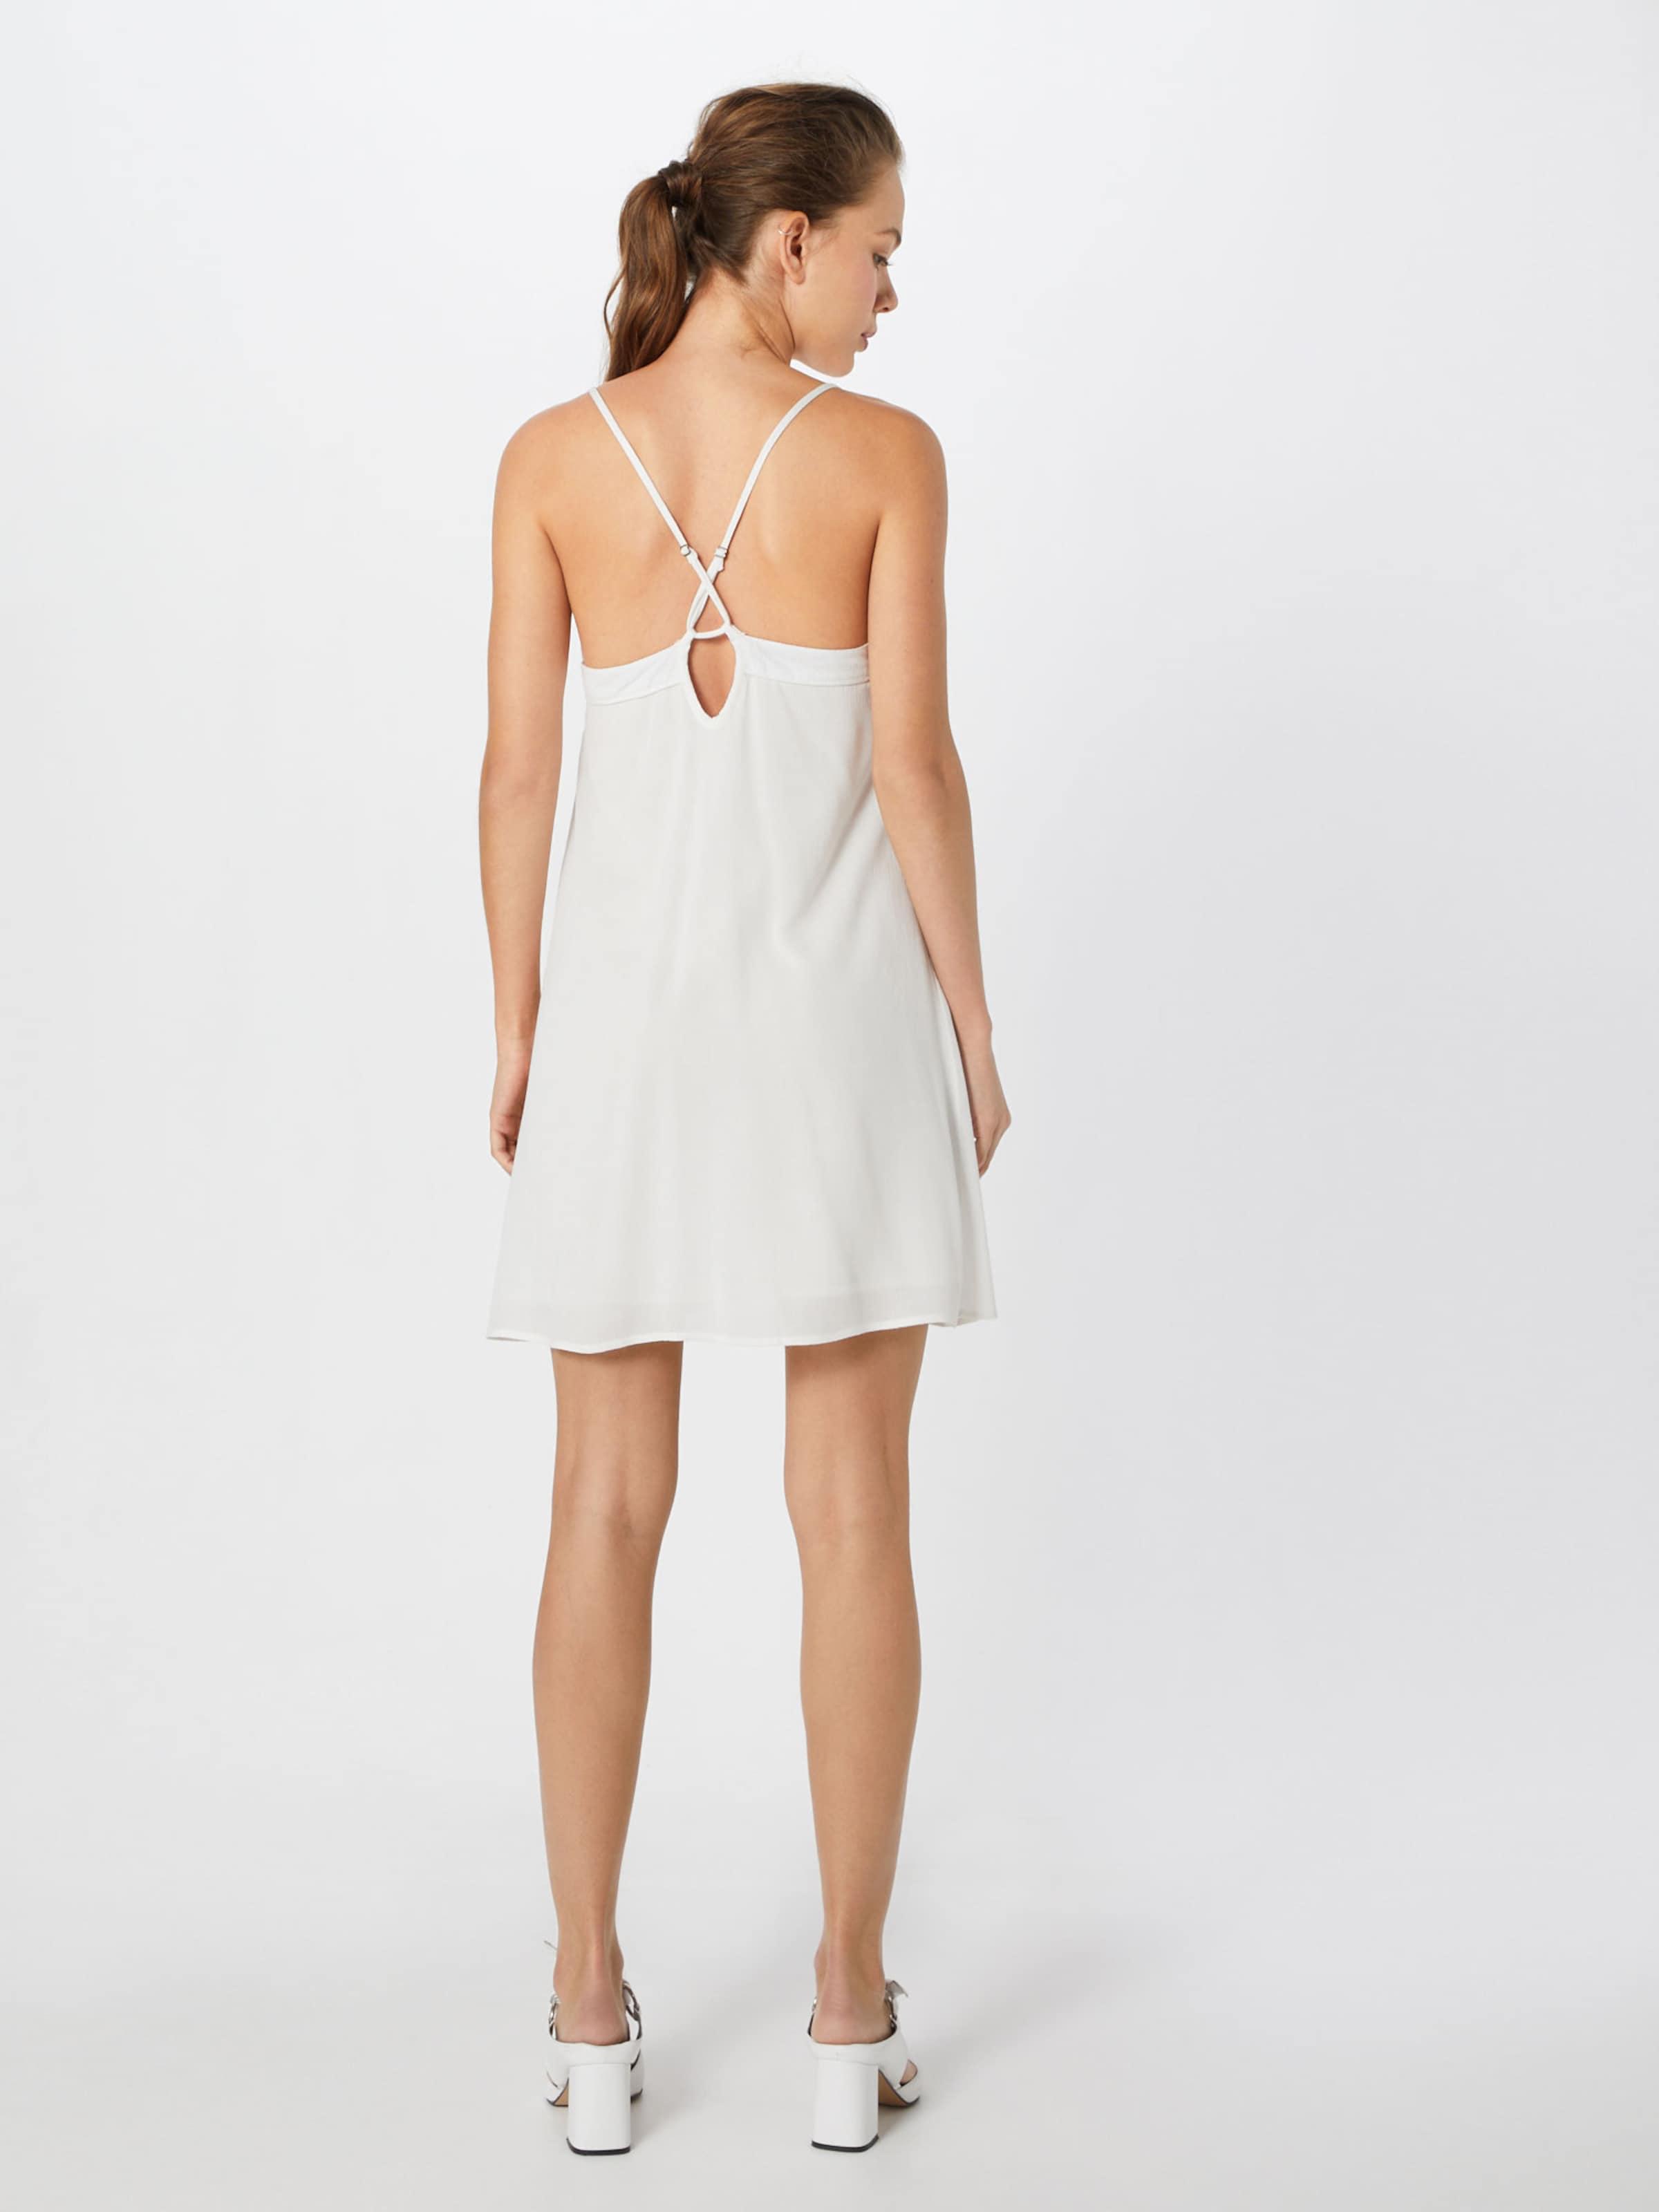 En Blanc Roxy Roxy Robe D'été D'été Robe qSMUjLVGzp